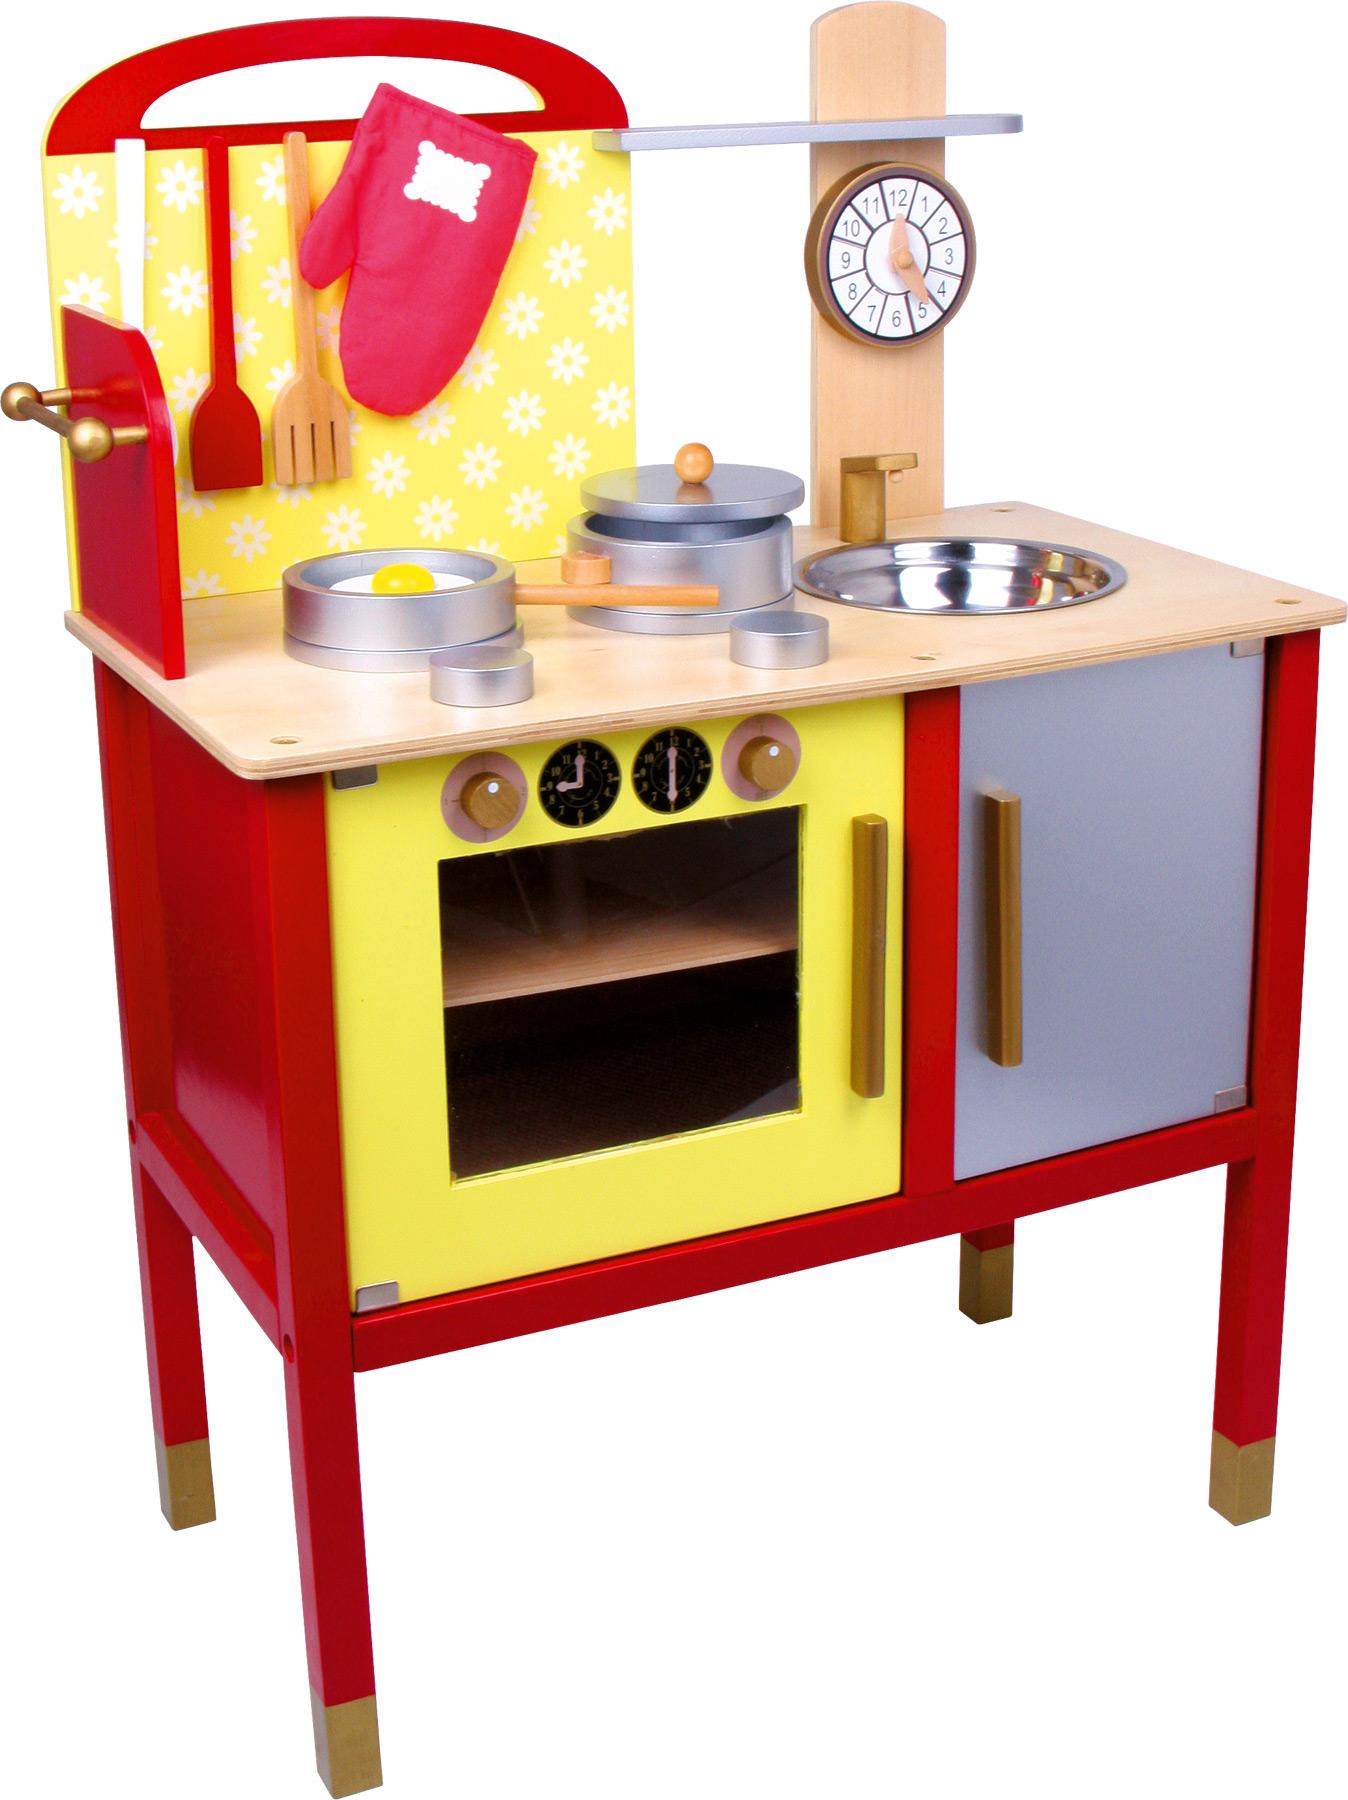 cuisine jouet denise jeu d 39 imitation cuisine enfant en bois cuisine enfant en bois. Black Bedroom Furniture Sets. Home Design Ideas